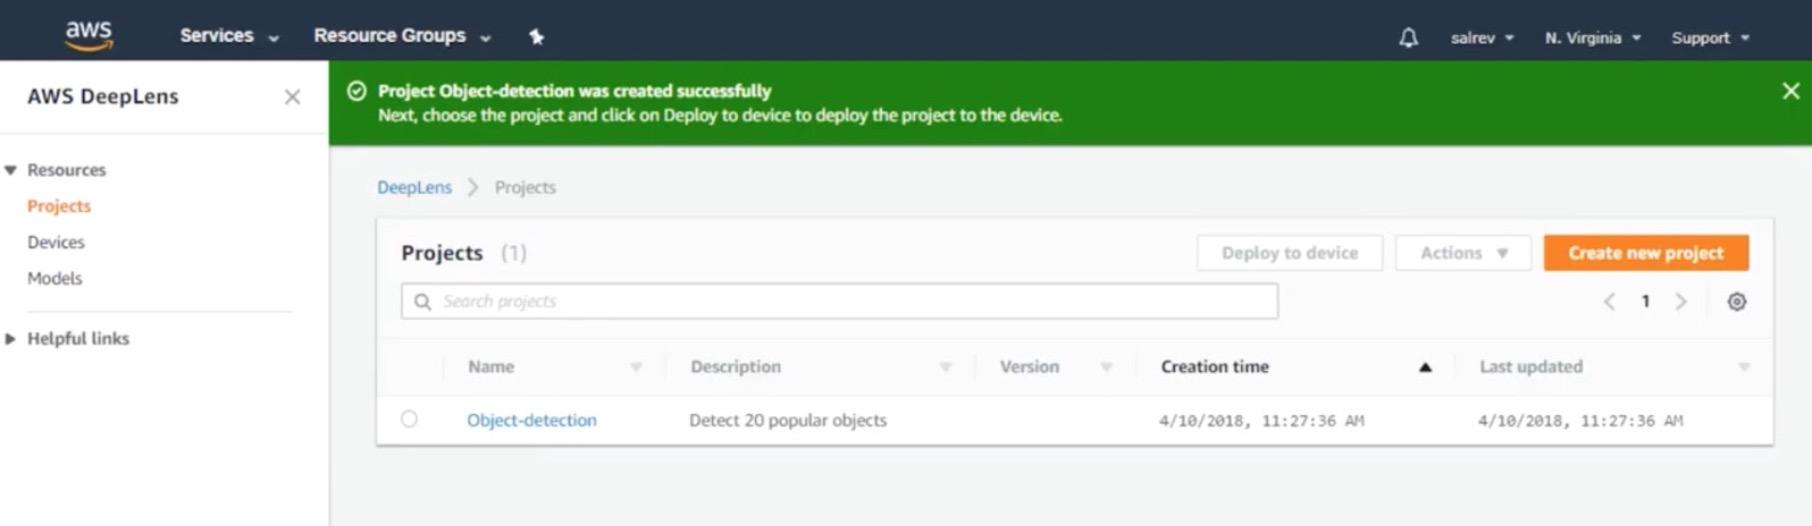 Камера Amazon DeepLens с глубоким обучением. Распаковка, подключение и развертывание проекта - 34